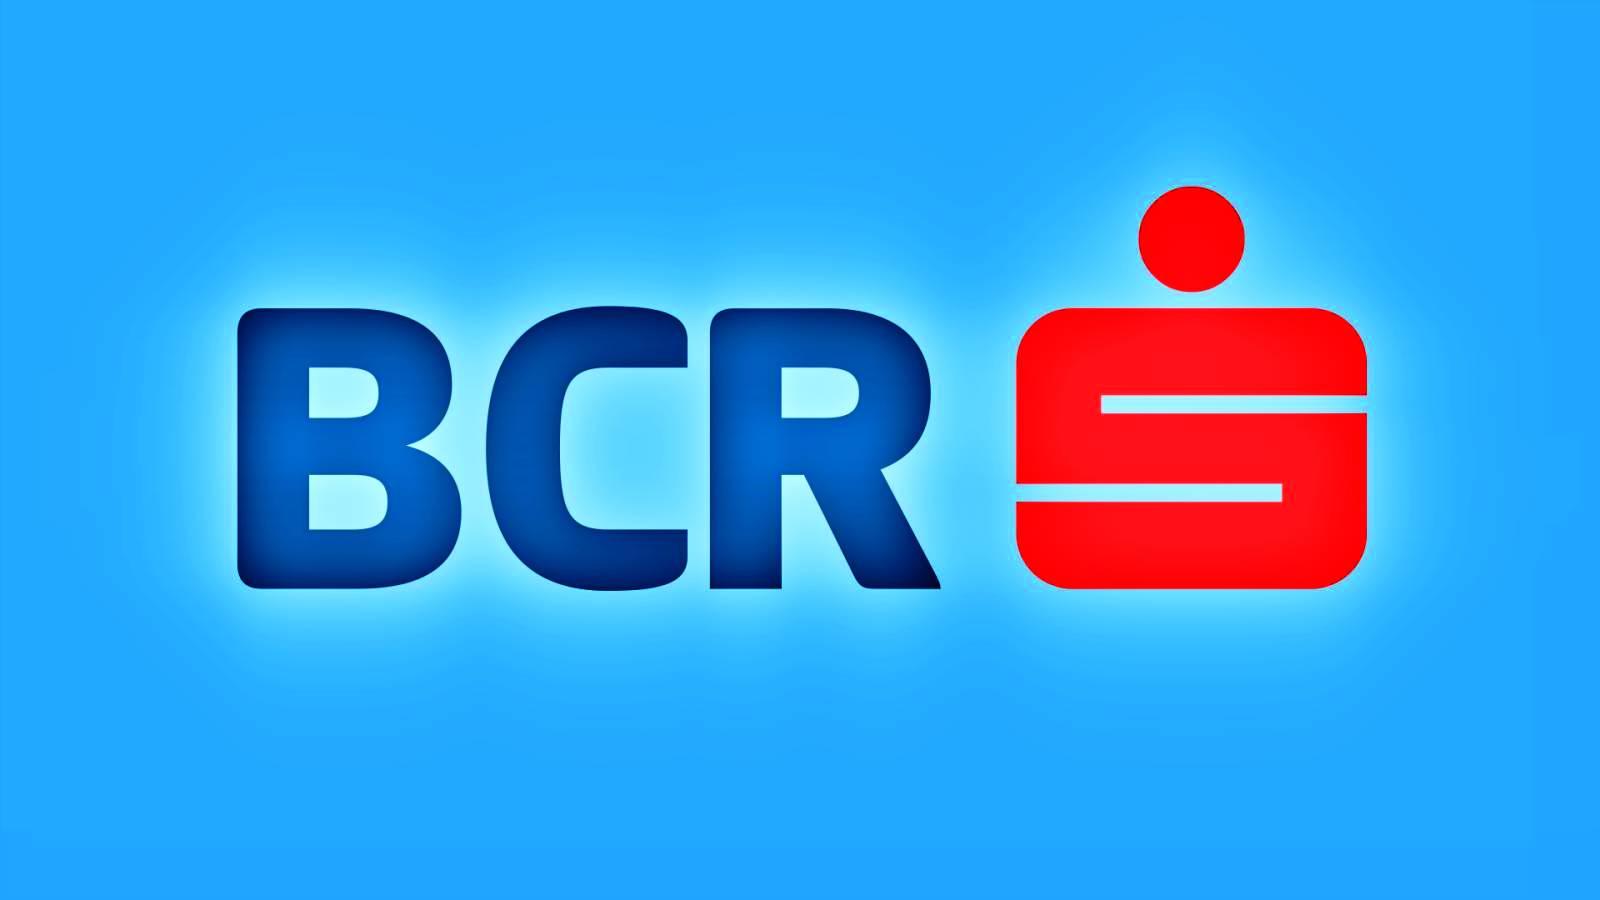 BCR Romania reprimire